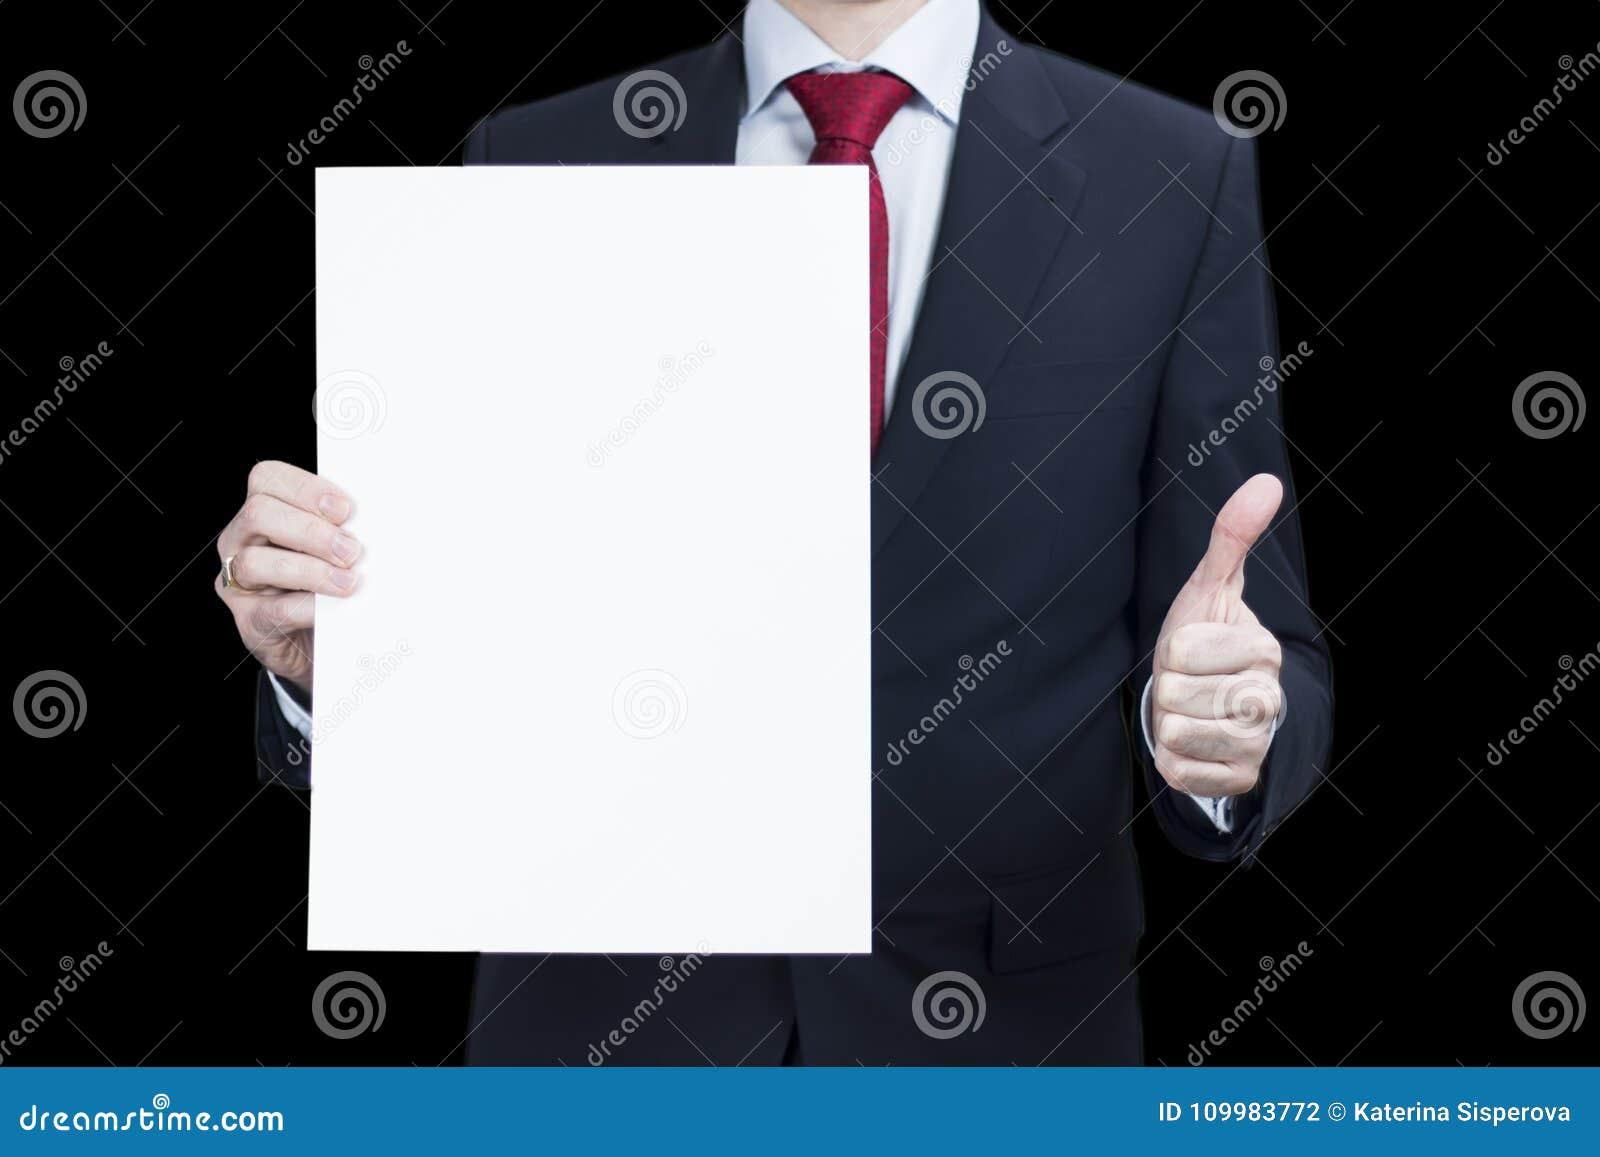 Foto del hombre de negocios que sostiene el cartel del papel en blanco para su anuncio y